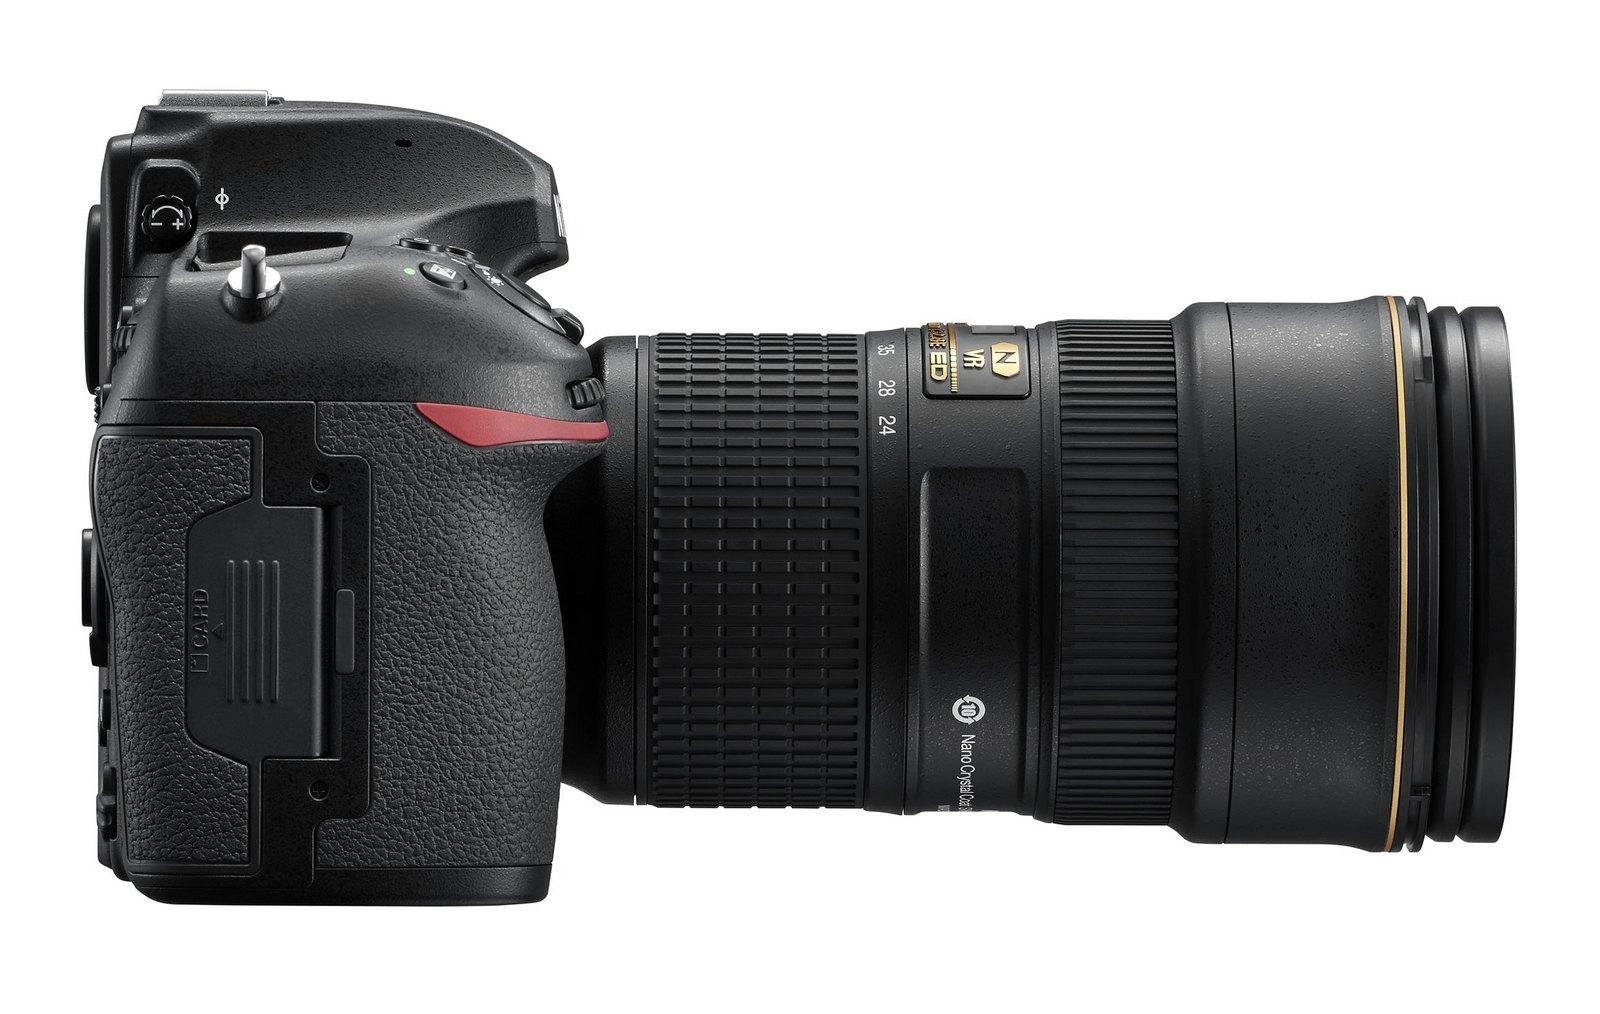 Nikon'un 45,7 Megapiksellik Yeni Canavarı D850 DSLR